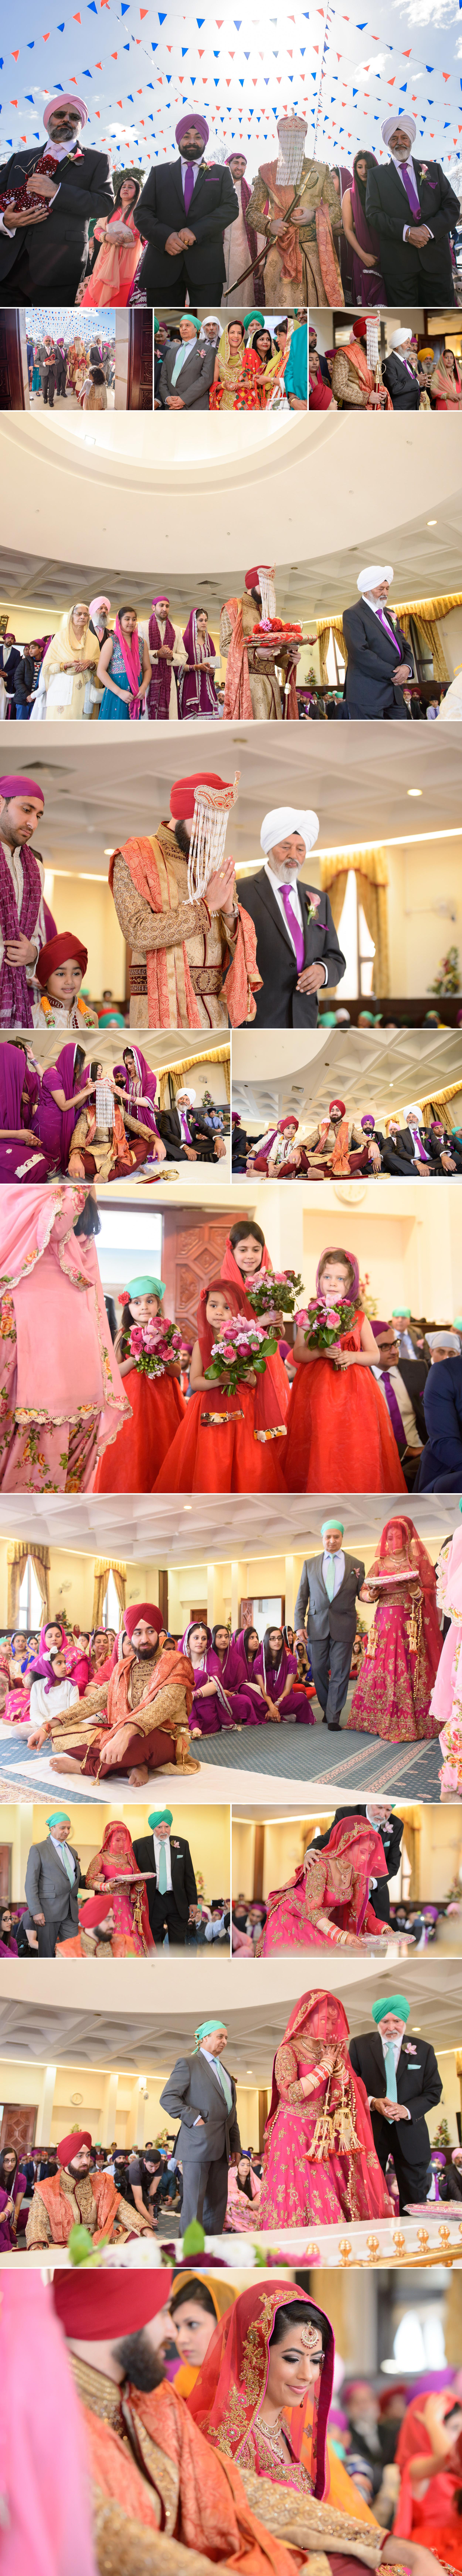 satnam photography sikh wedding ceremony alice way gurdwara london hounslow wedding photography-4